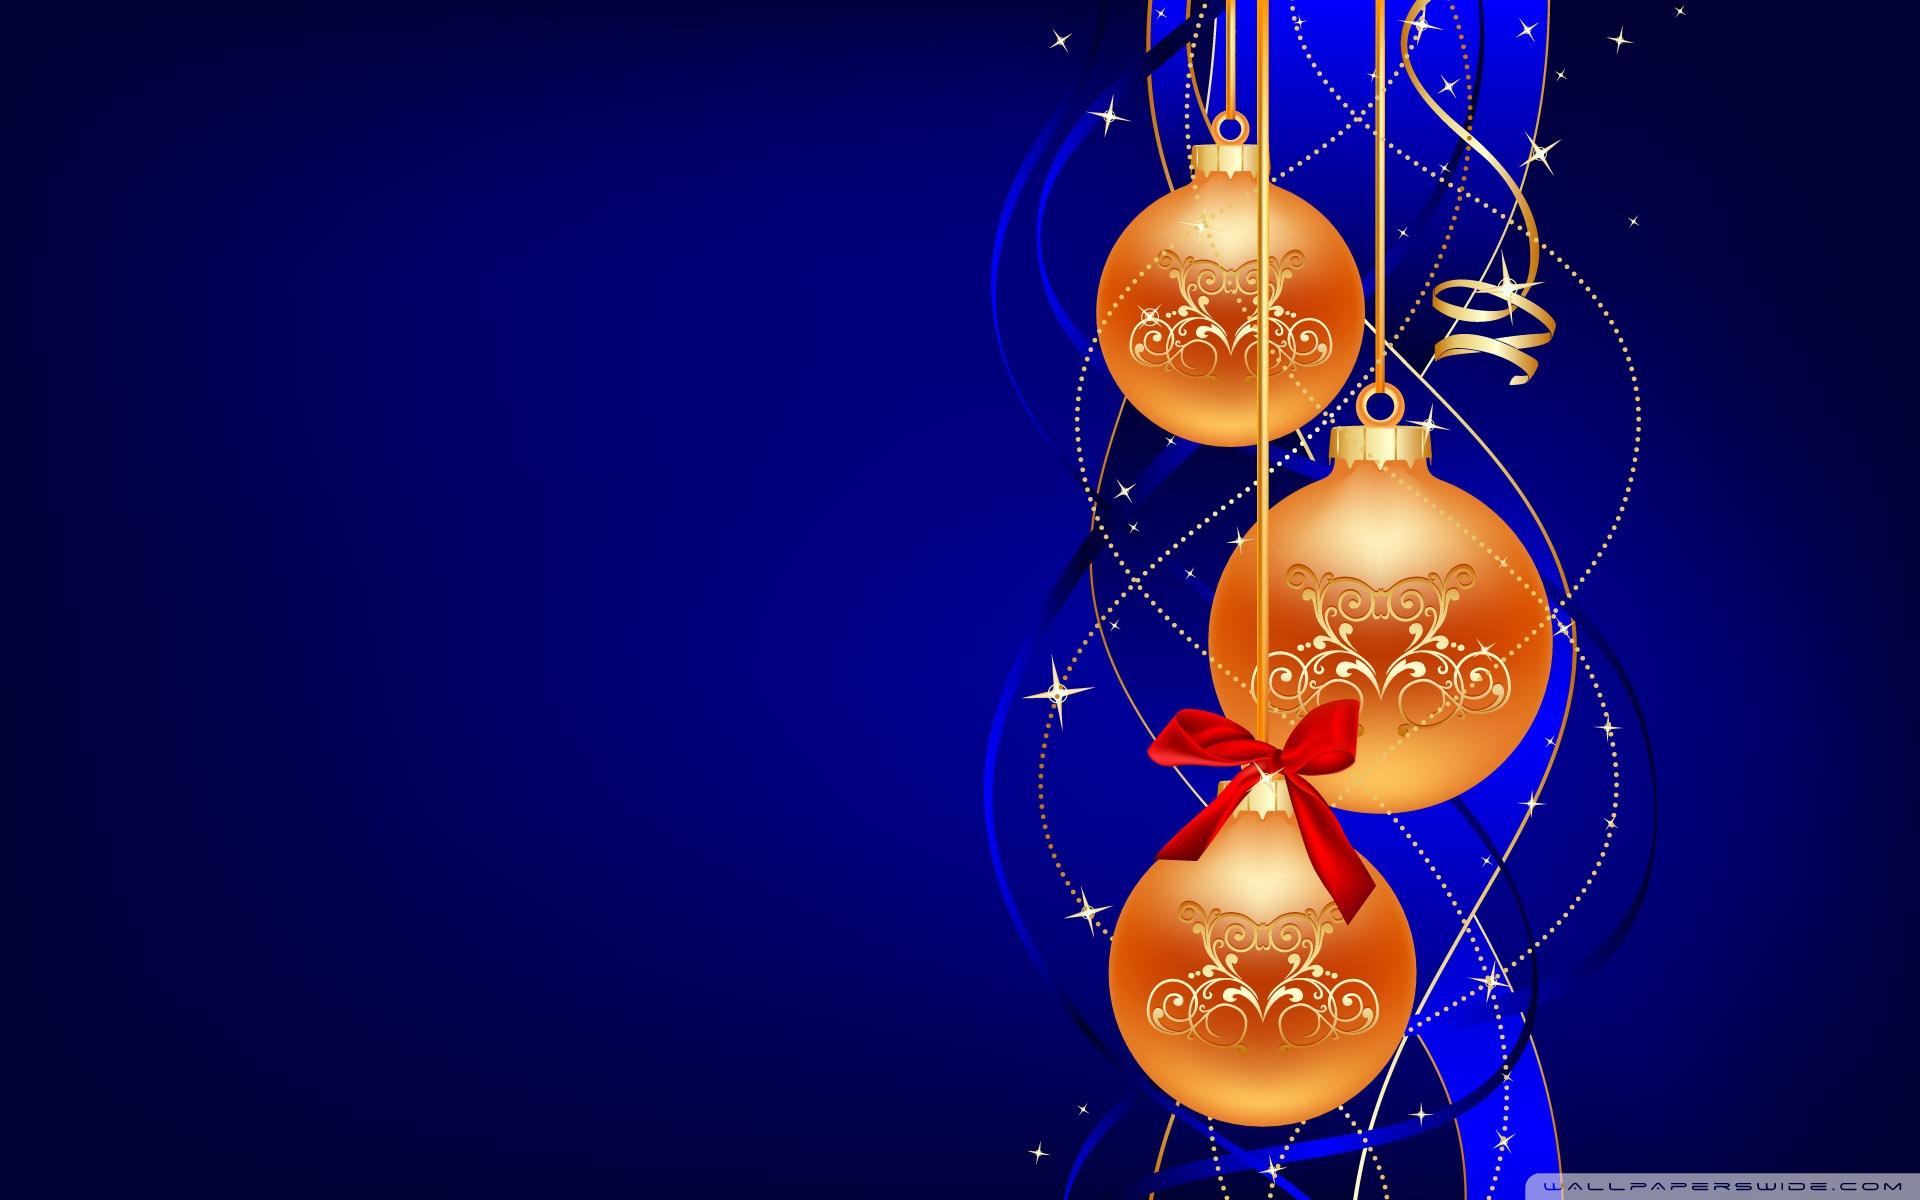 Новогодние игрушки обои для рабочего стола, с Новым 2013 годом, Новый год, Happy New Year Wallpaper